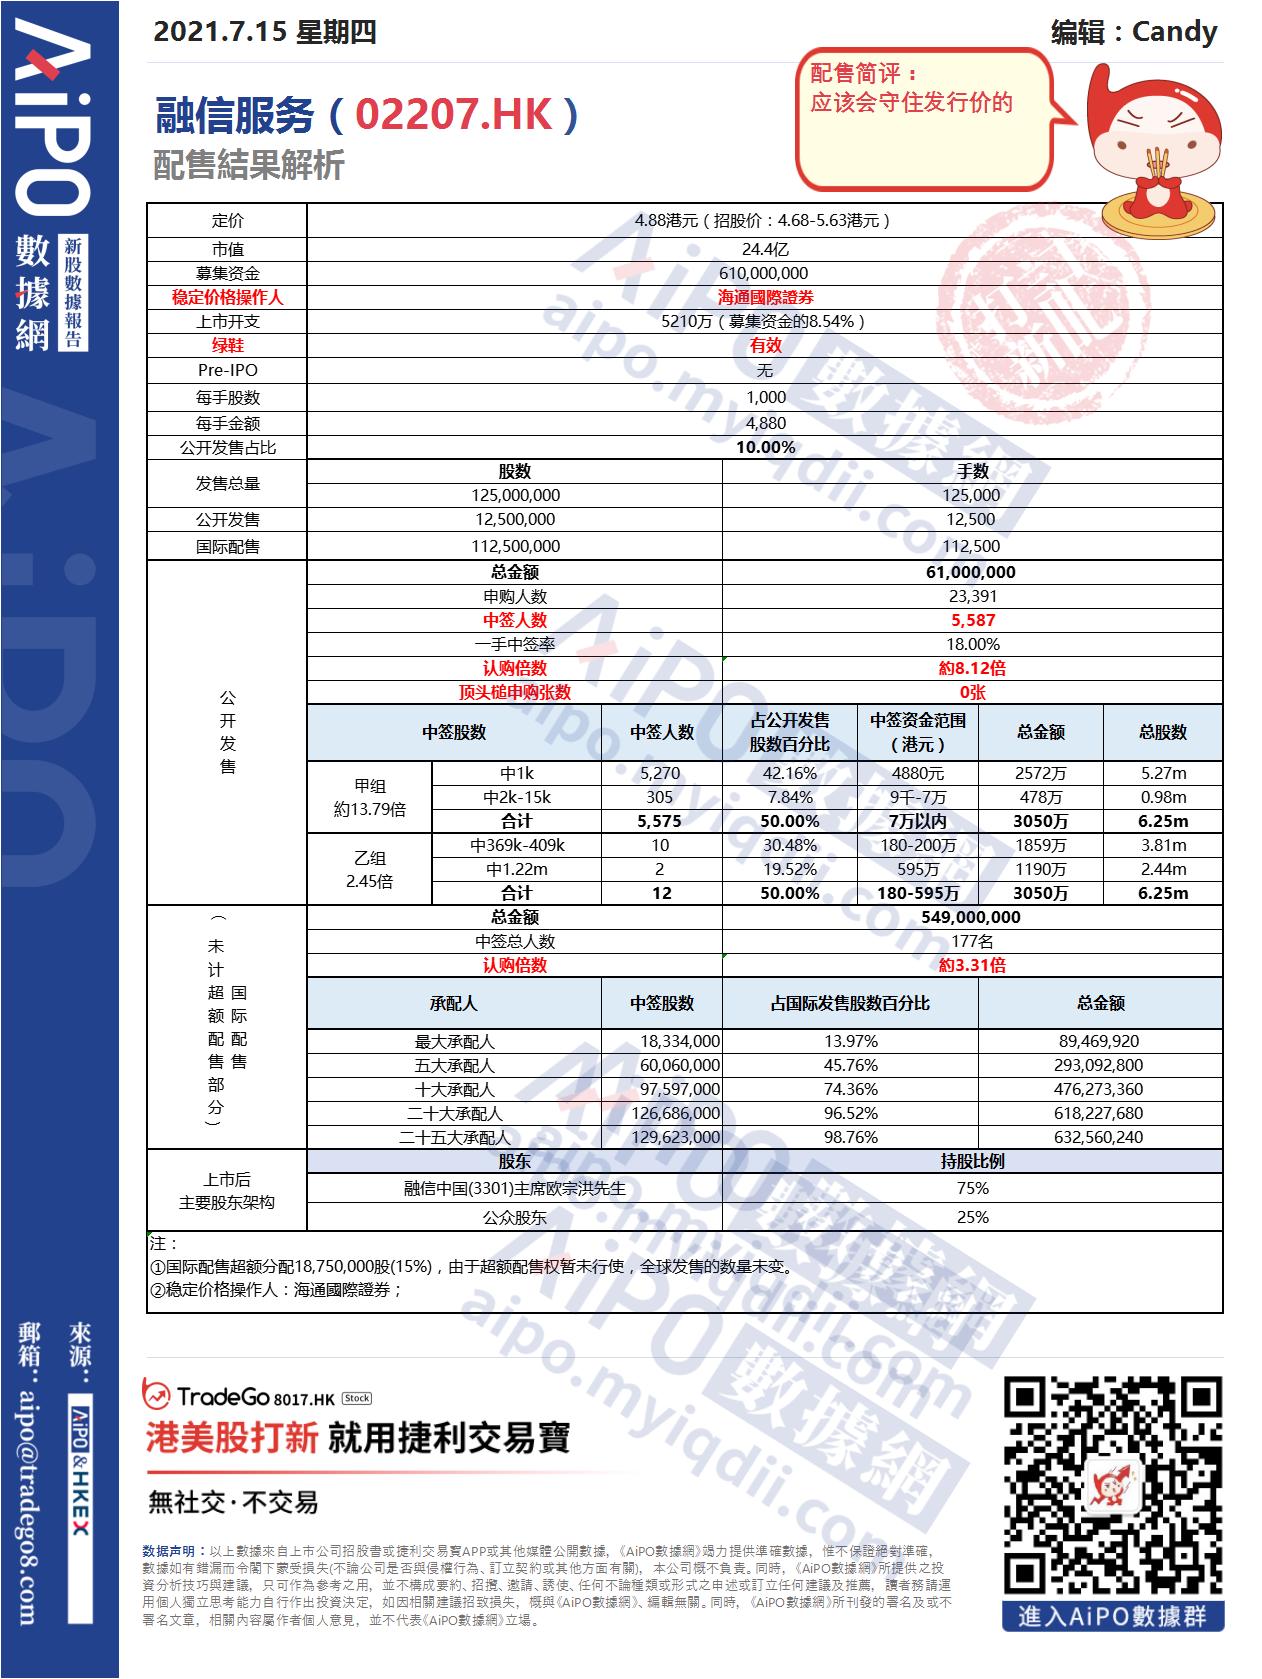 【新股AiPO】配售結果解析:融信服務(02207.HK).png